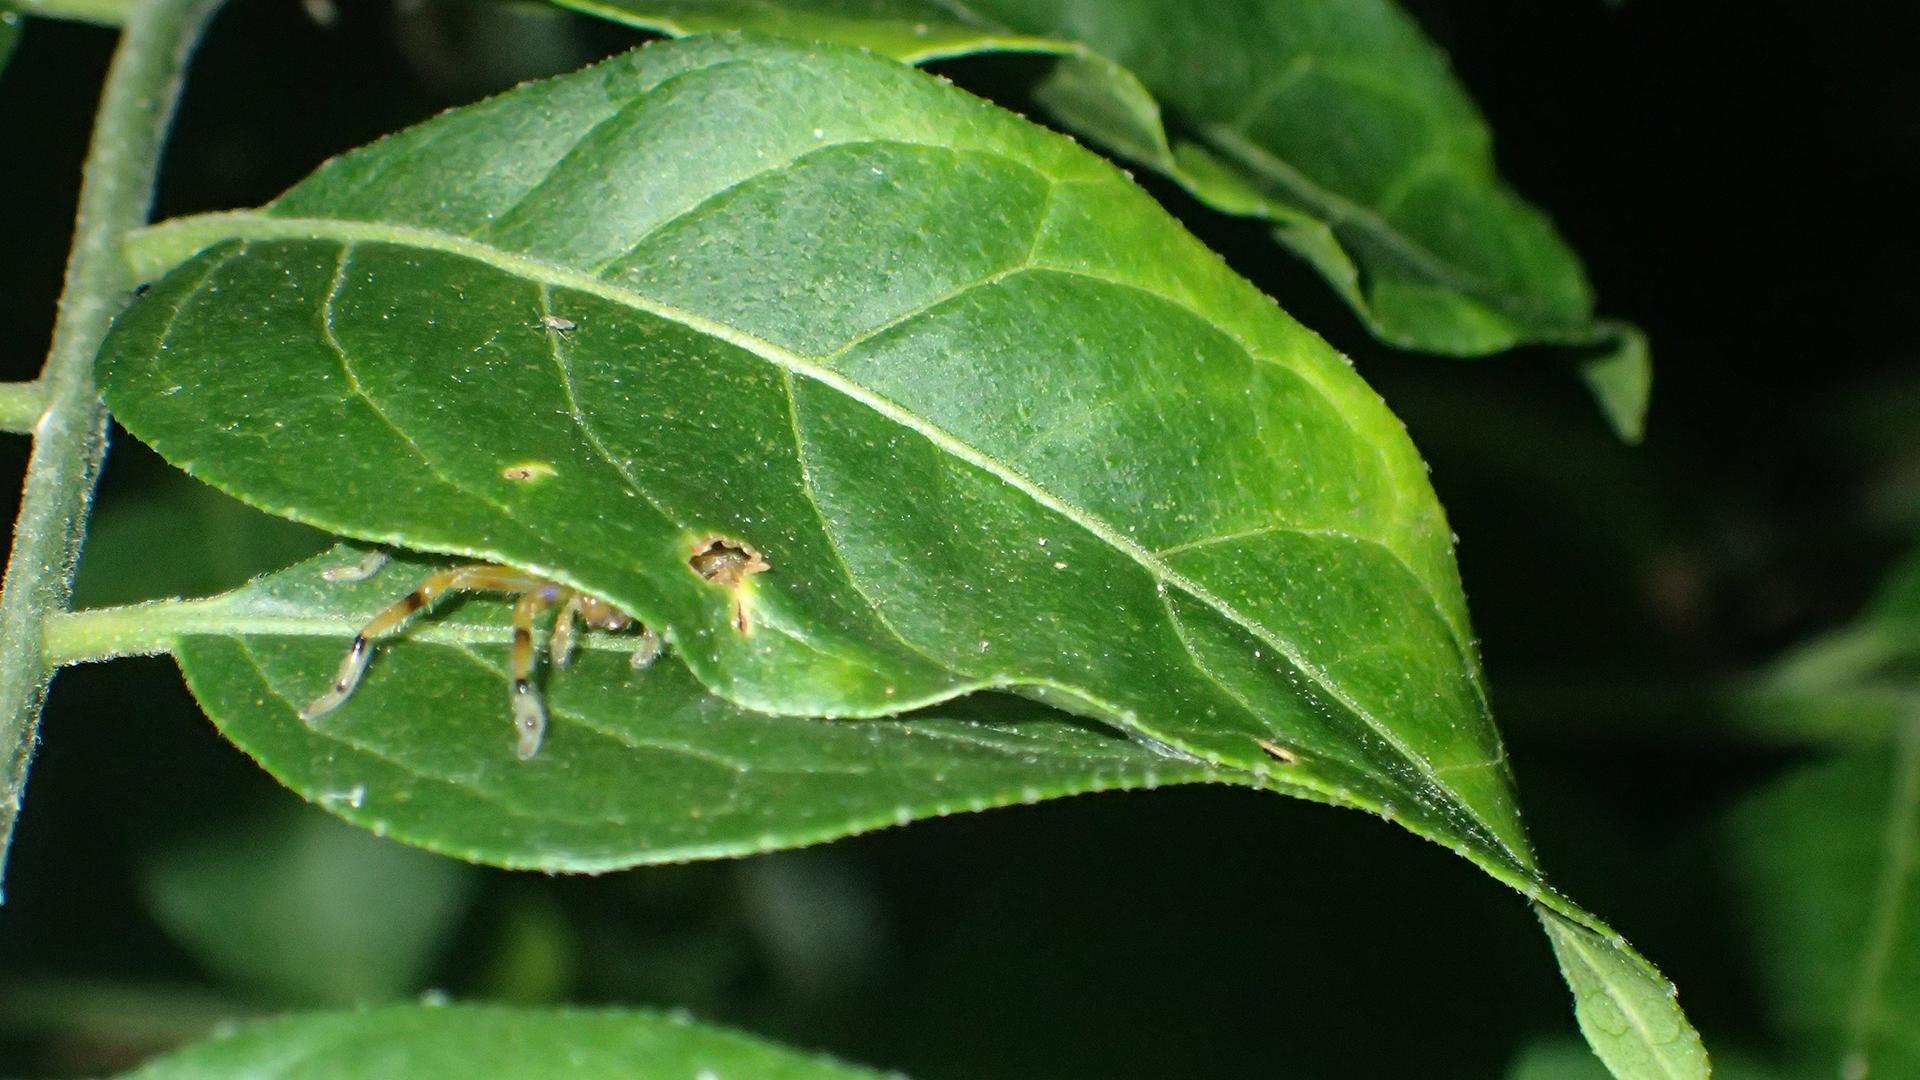 Les scientifiques ont trouvé plusieurs exemples d'araignées nichées dans des retraites faites de deux feuilles, leurs bords maintenus ensemble par de la soie.